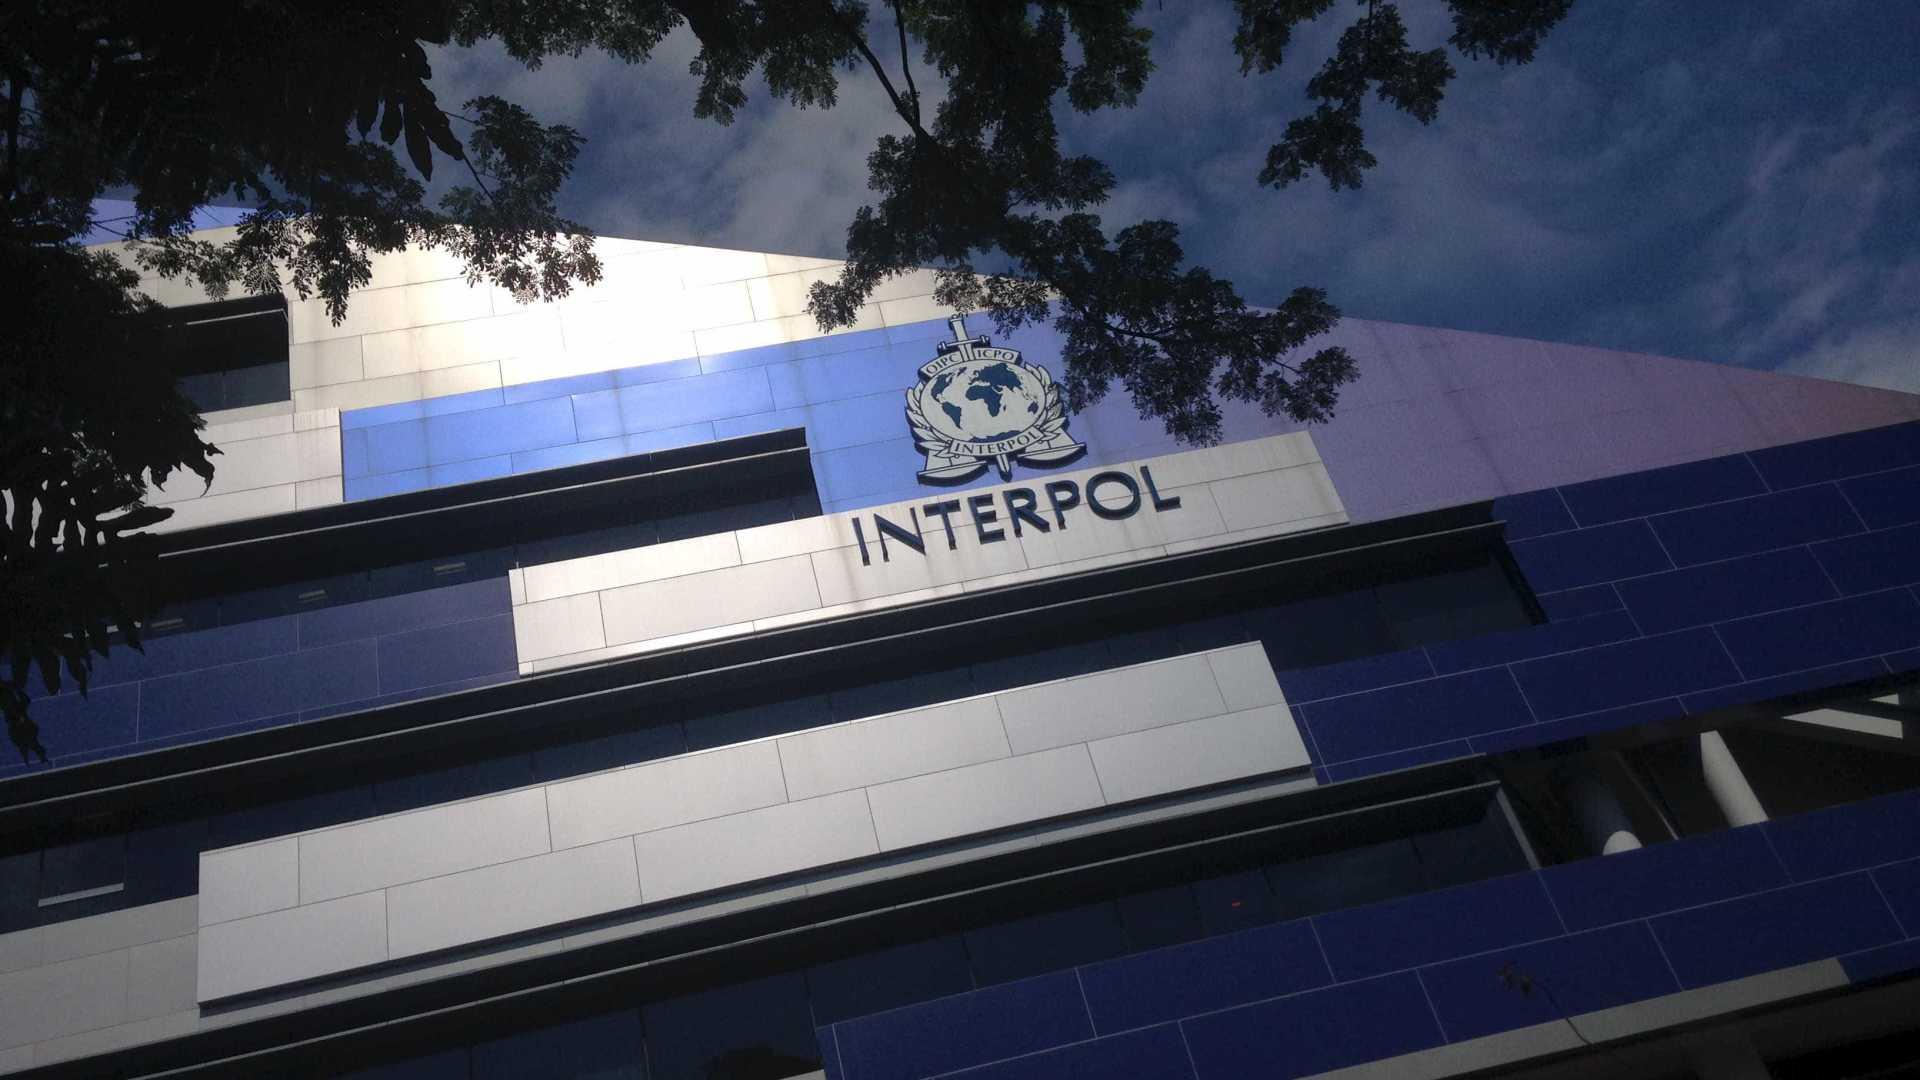 dois agentes mexicanos da interpol assassinados em puebla - naom 58ca458f595bb - Dois agentes mexicanos da Interpol assassinados em Puebla